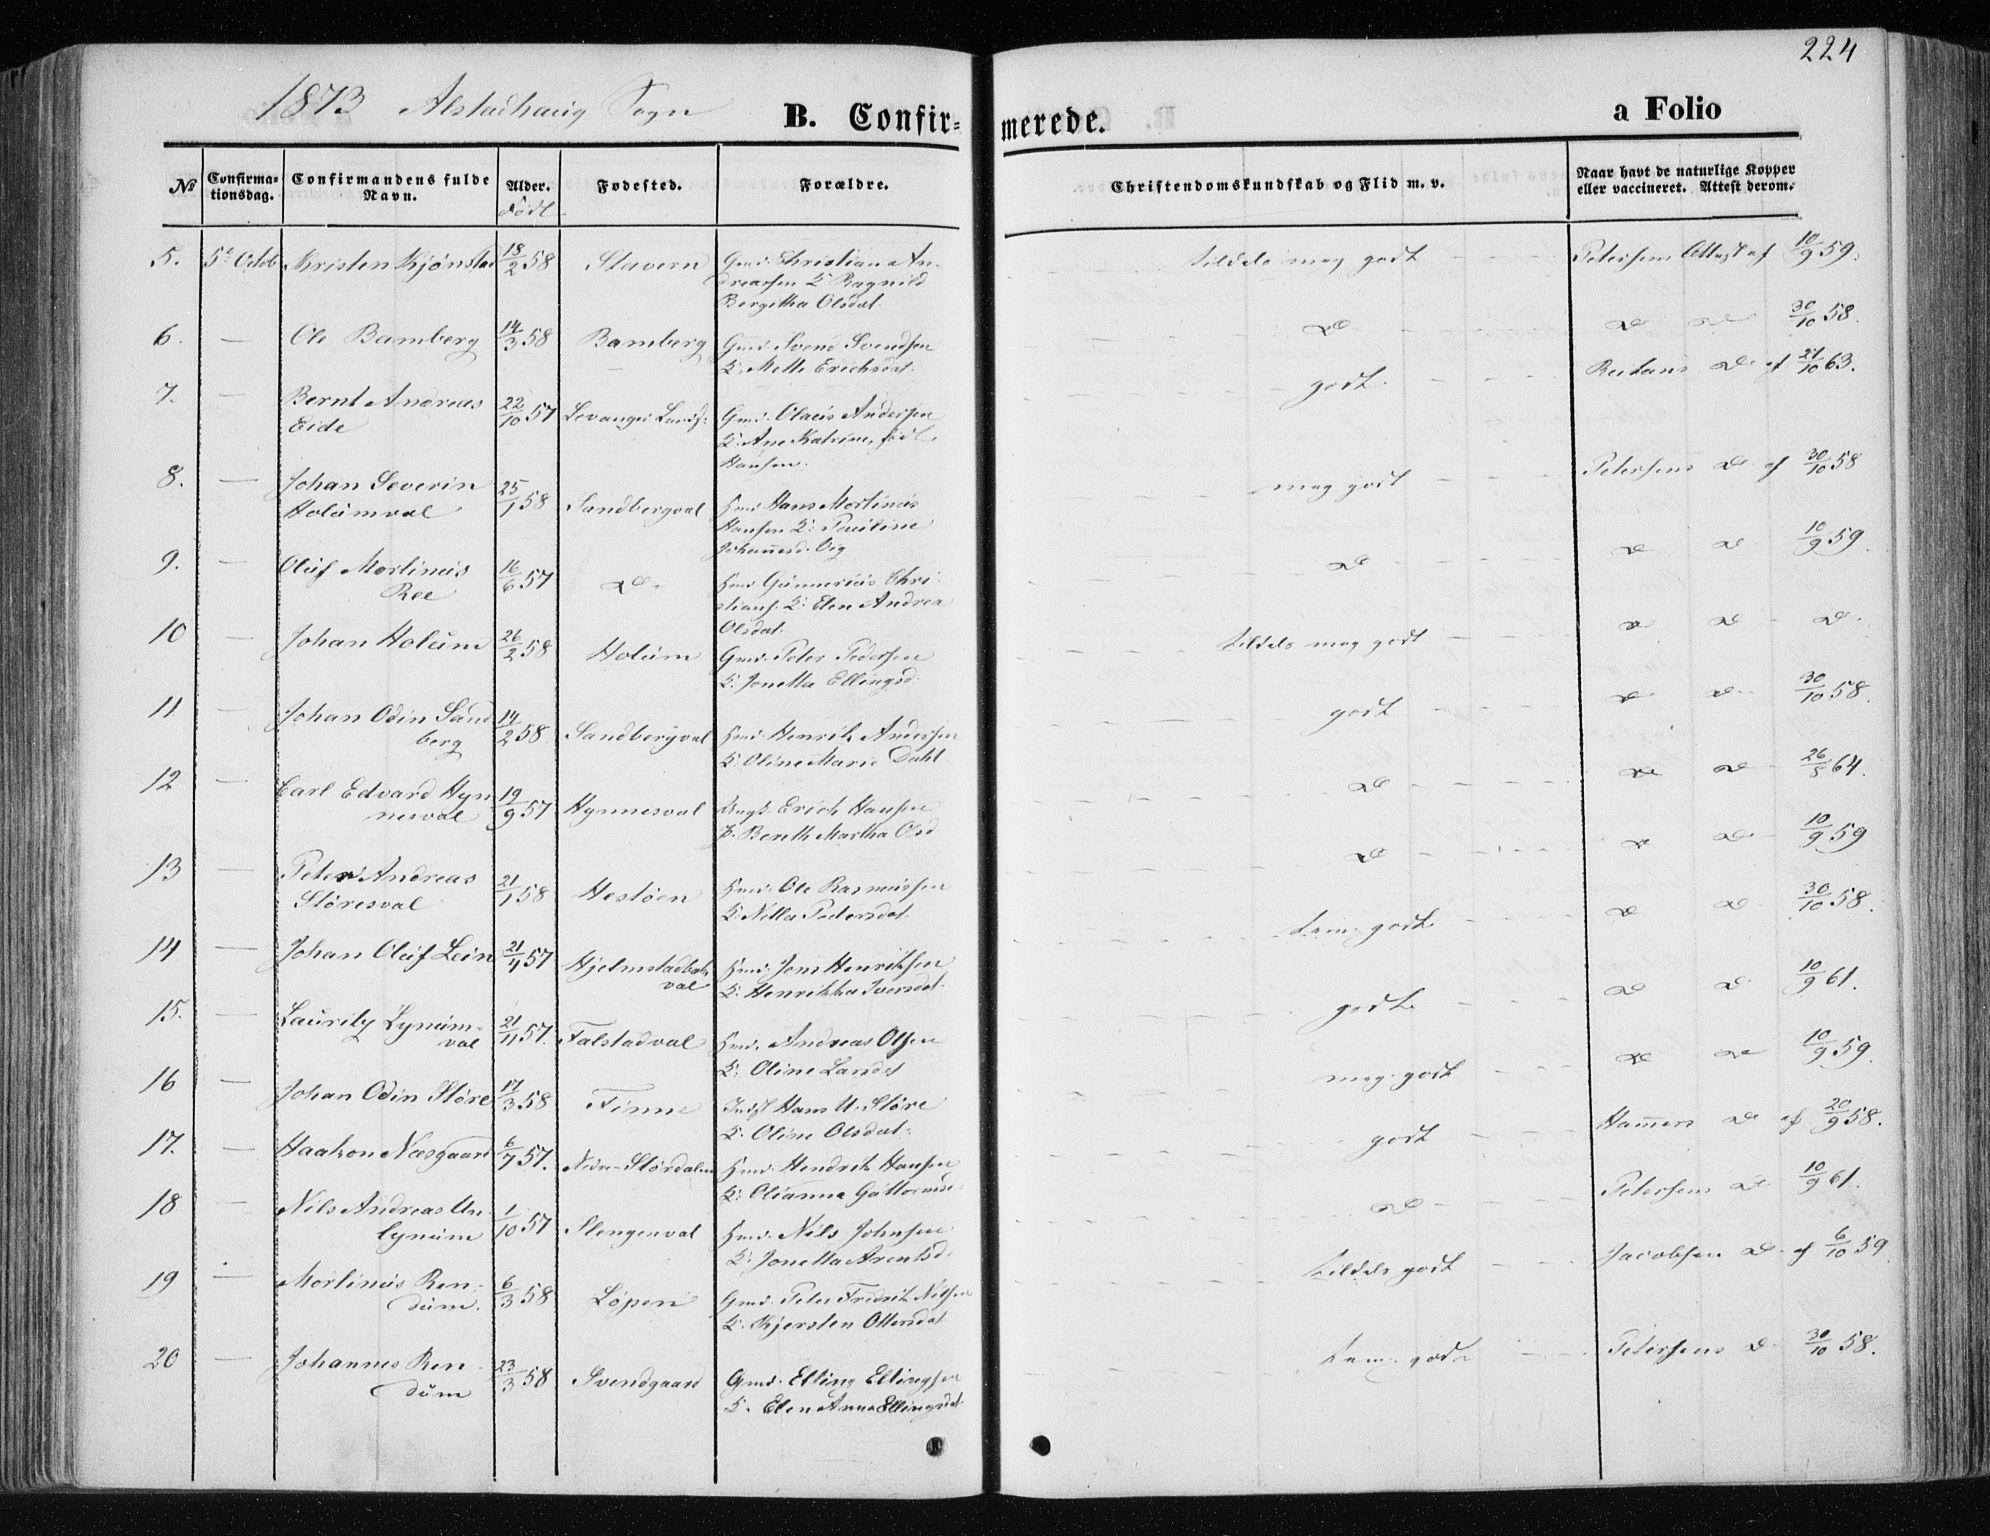 SAT, Ministerialprotokoller, klokkerbøker og fødselsregistre - Nord-Trøndelag, 717/L0157: Ministerialbok nr. 717A08 /1, 1863-1877, s. 224